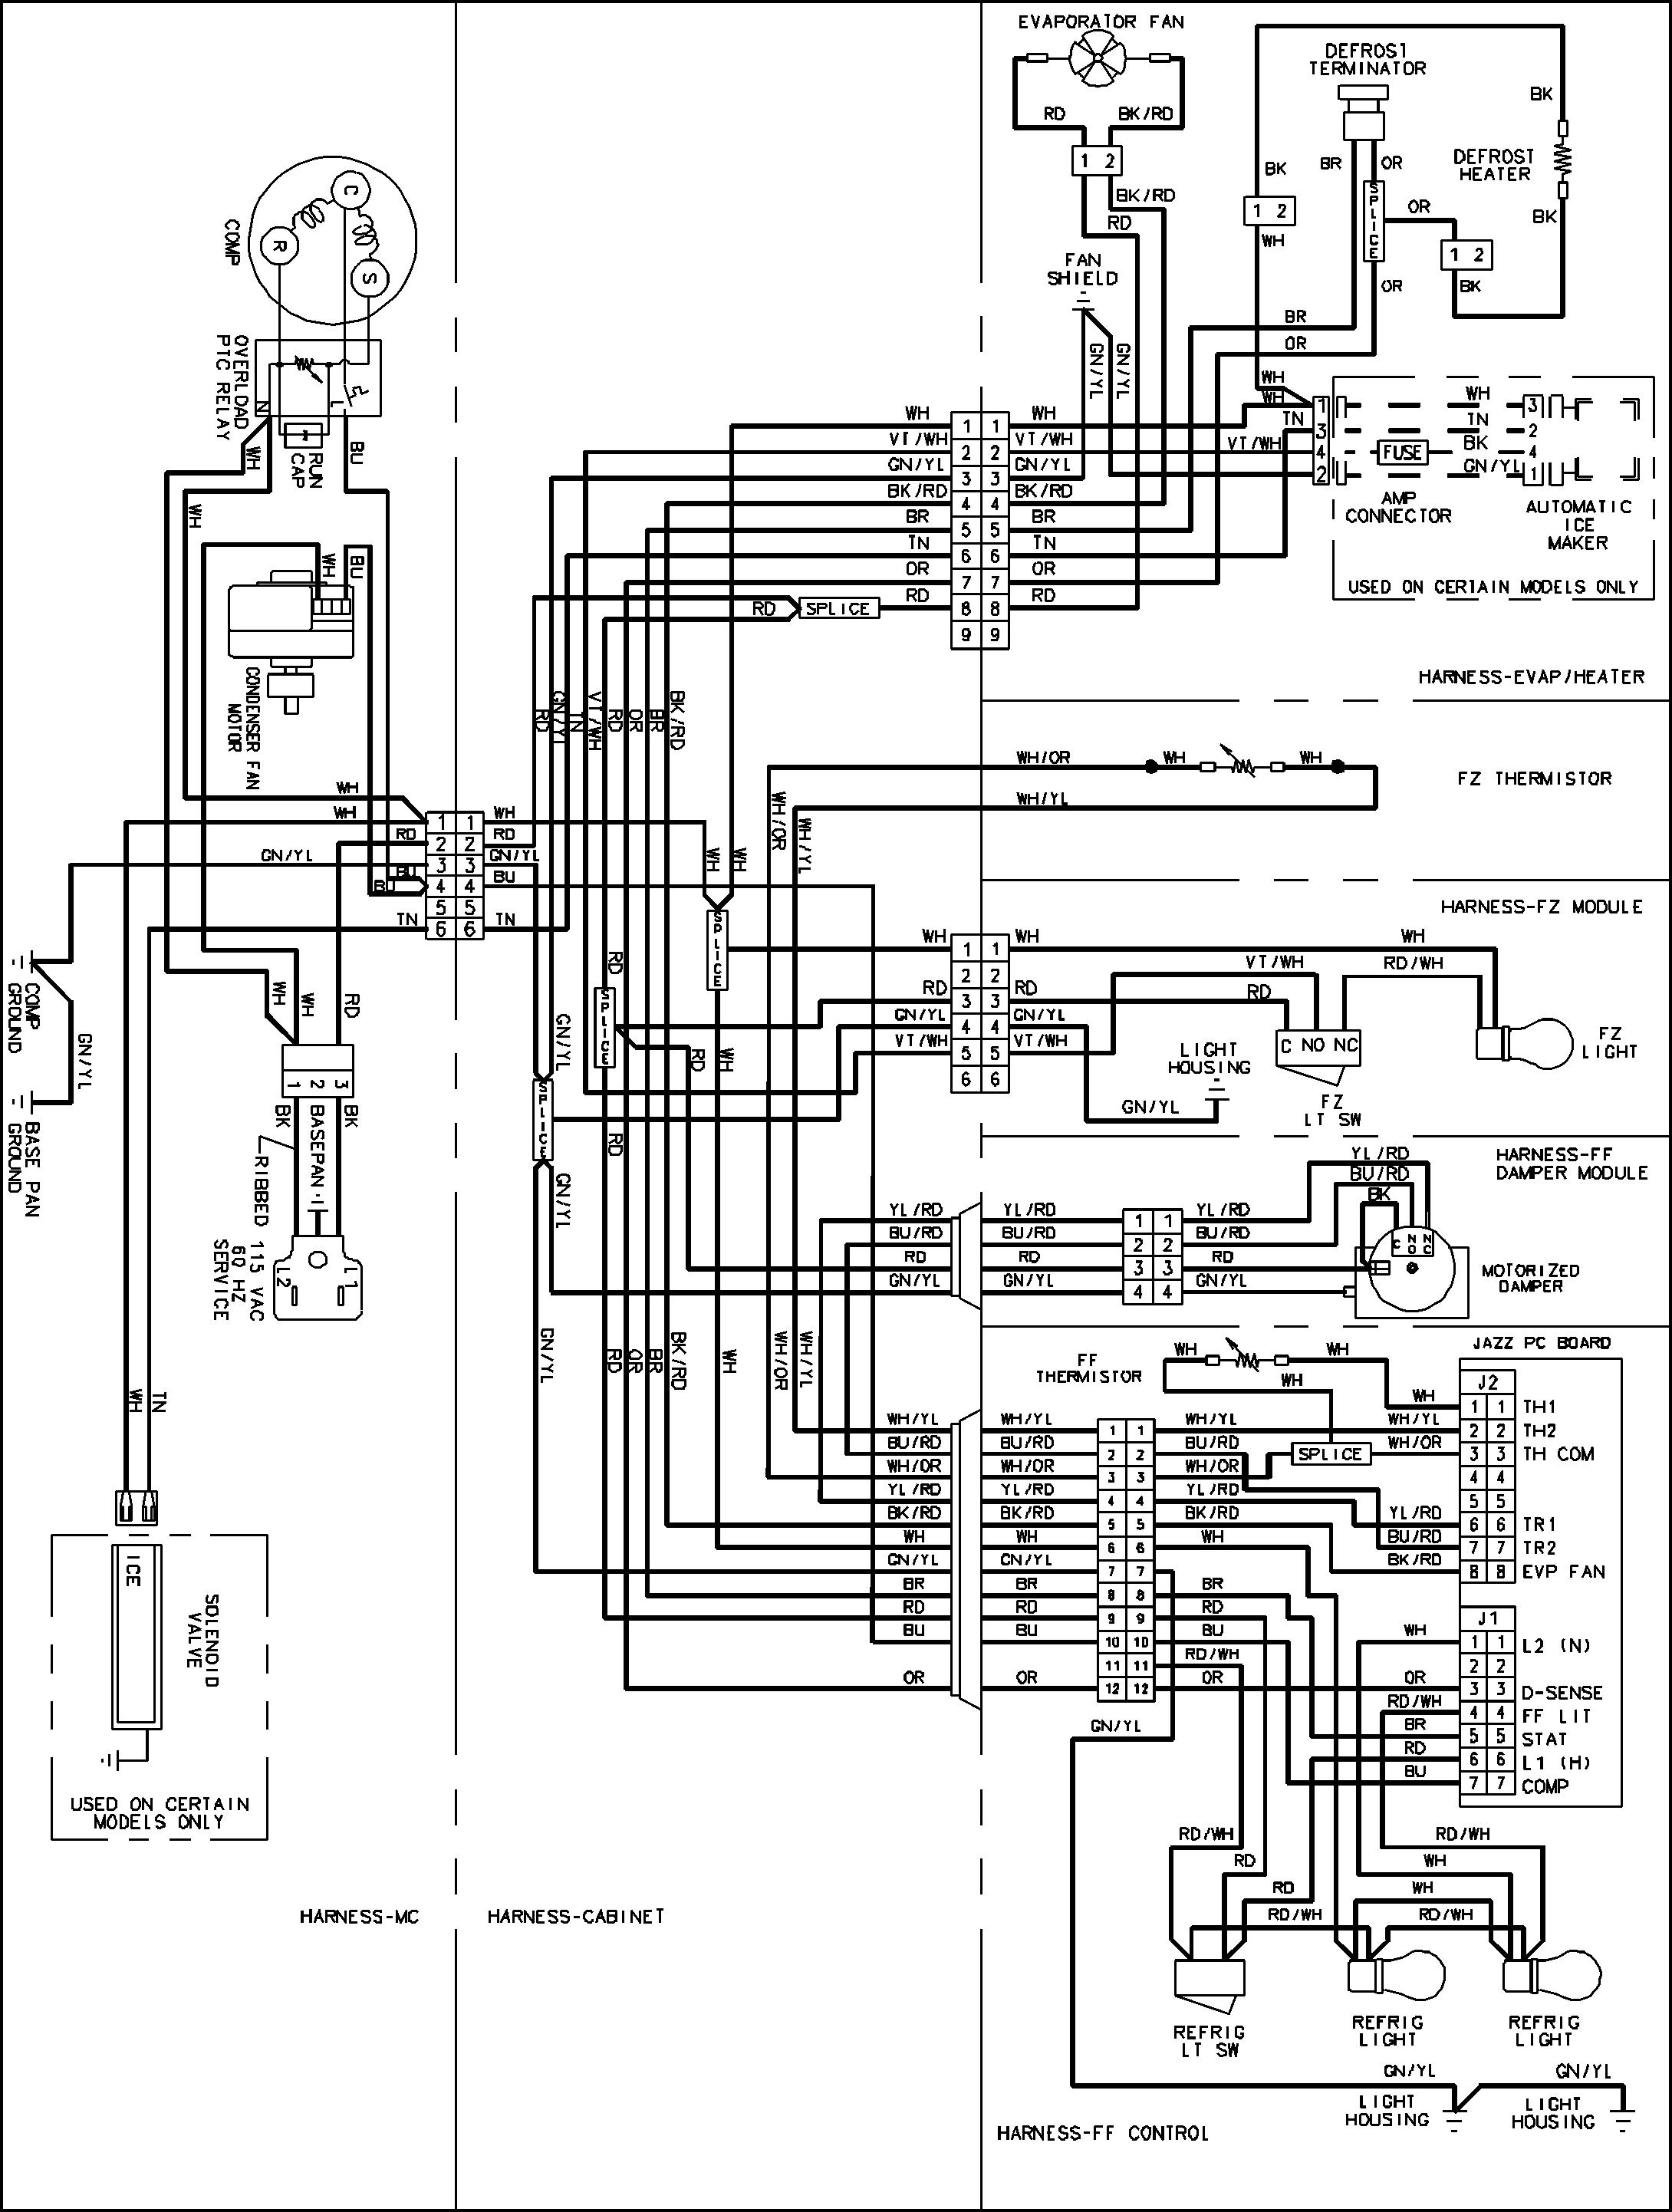 M0703075 00011?resize\\\=665%2C879 de303 wiring diagram wiring diagrams Basic Electrical Wiring Diagrams at honlapkeszites.co